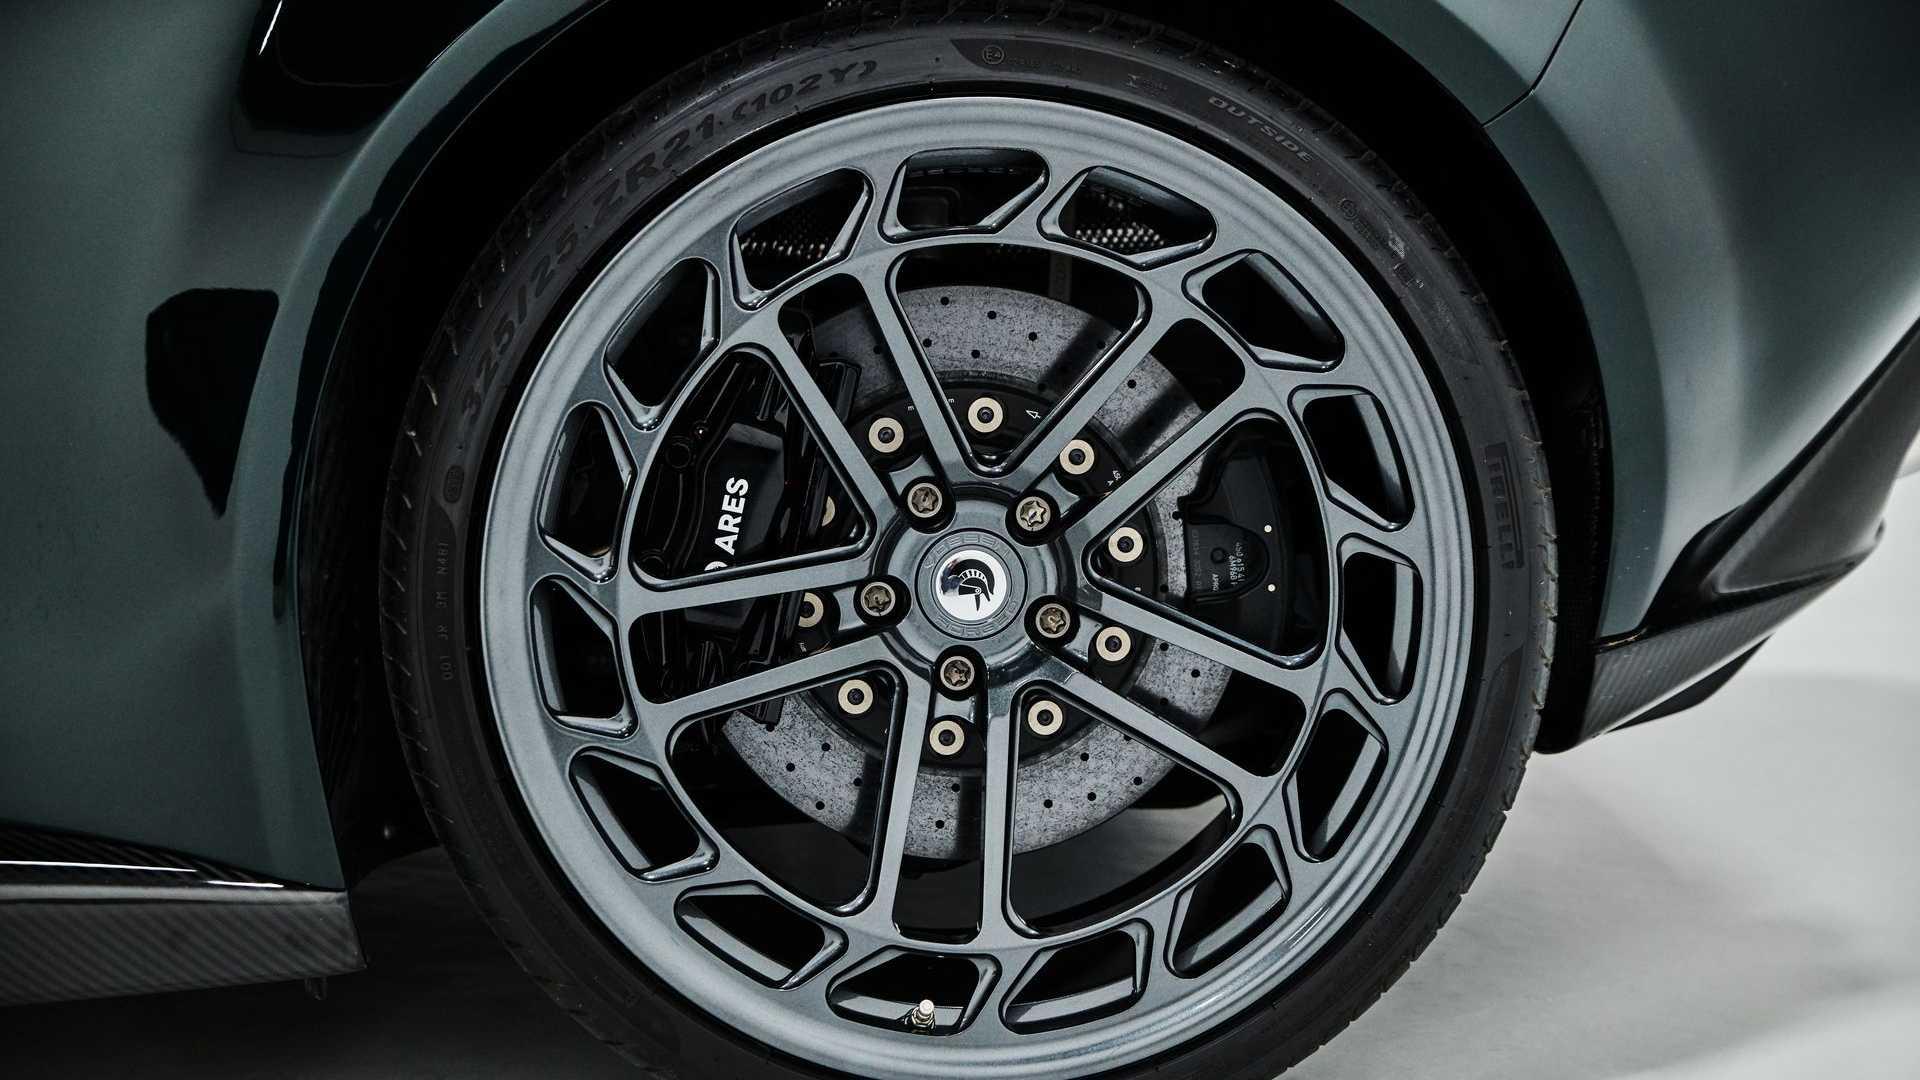 2021-ares-design-progetto-uno-wheel-1